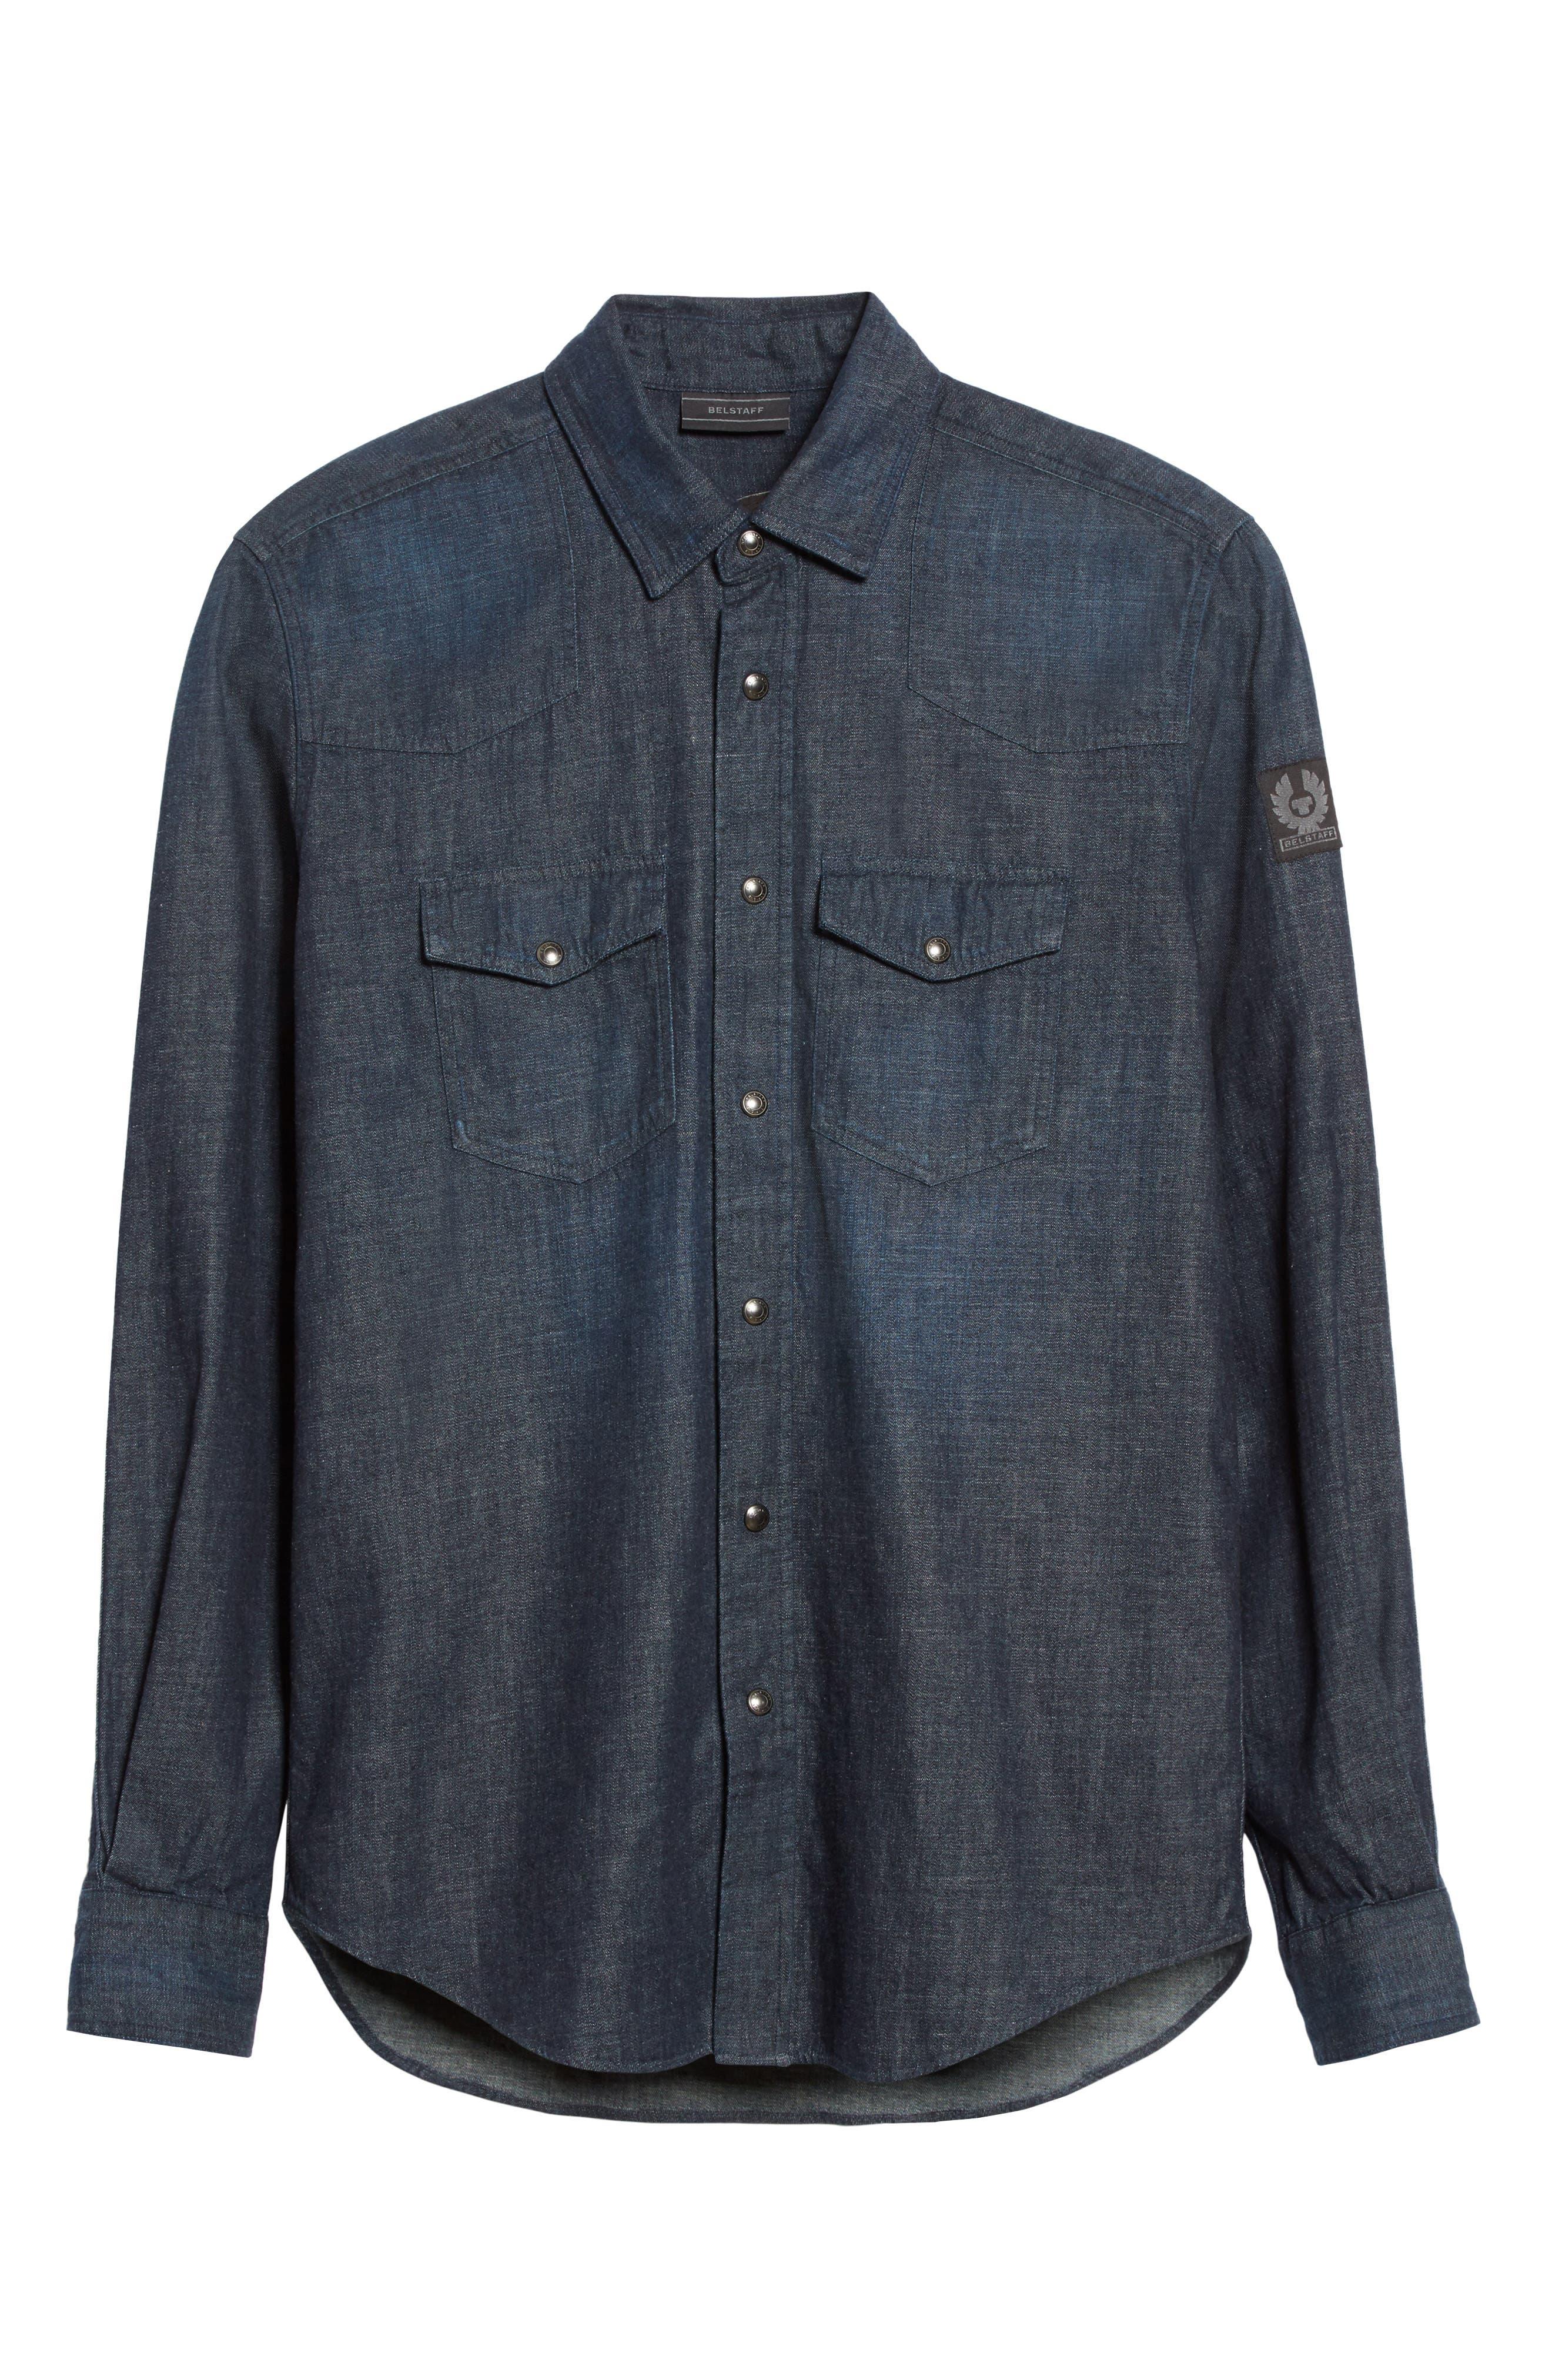 Somerford Denim Sport Shirt,                             Alternate thumbnail 6, color,                             Dark Blue